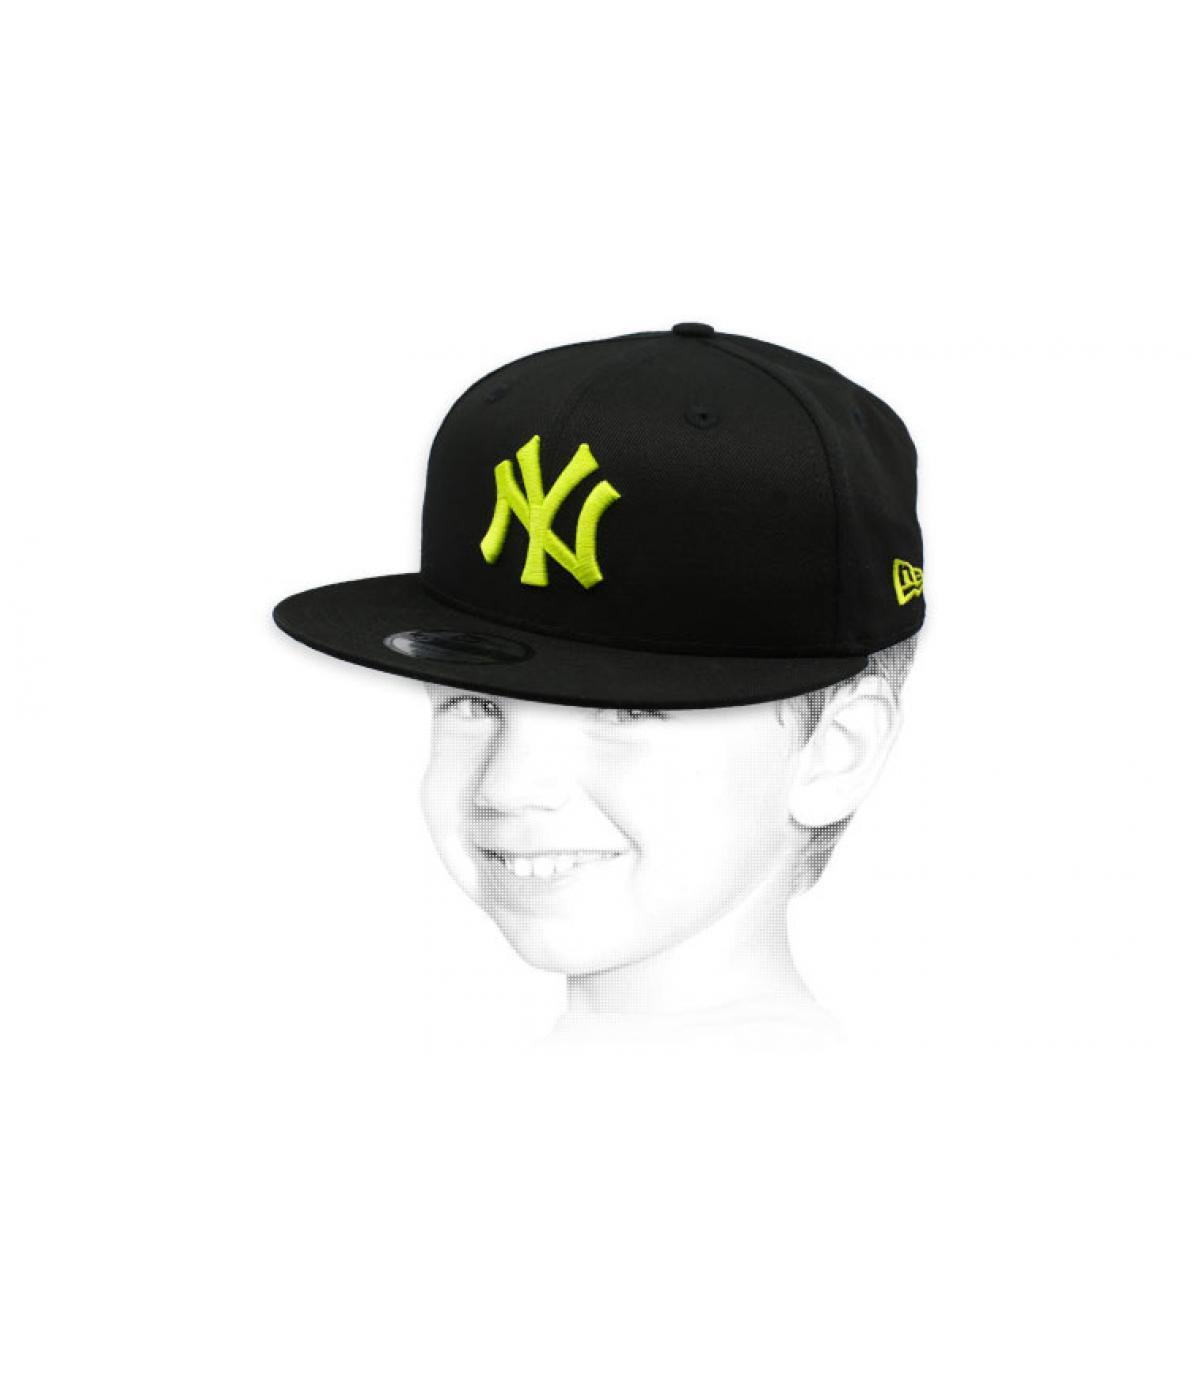 casquette enfant NY noir jaune